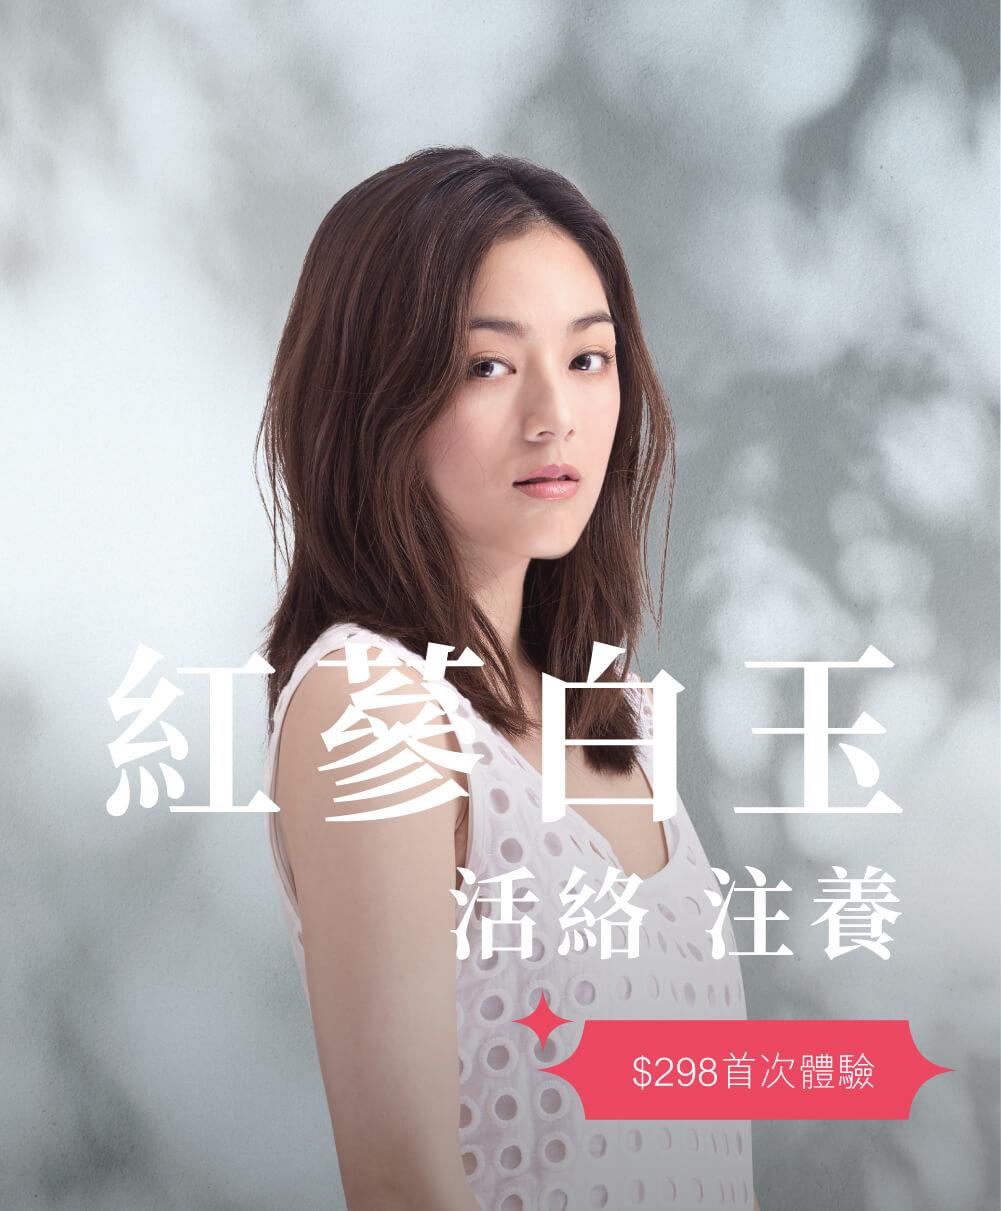 體驗OASIS香港紅蔘白玉撥筋美容